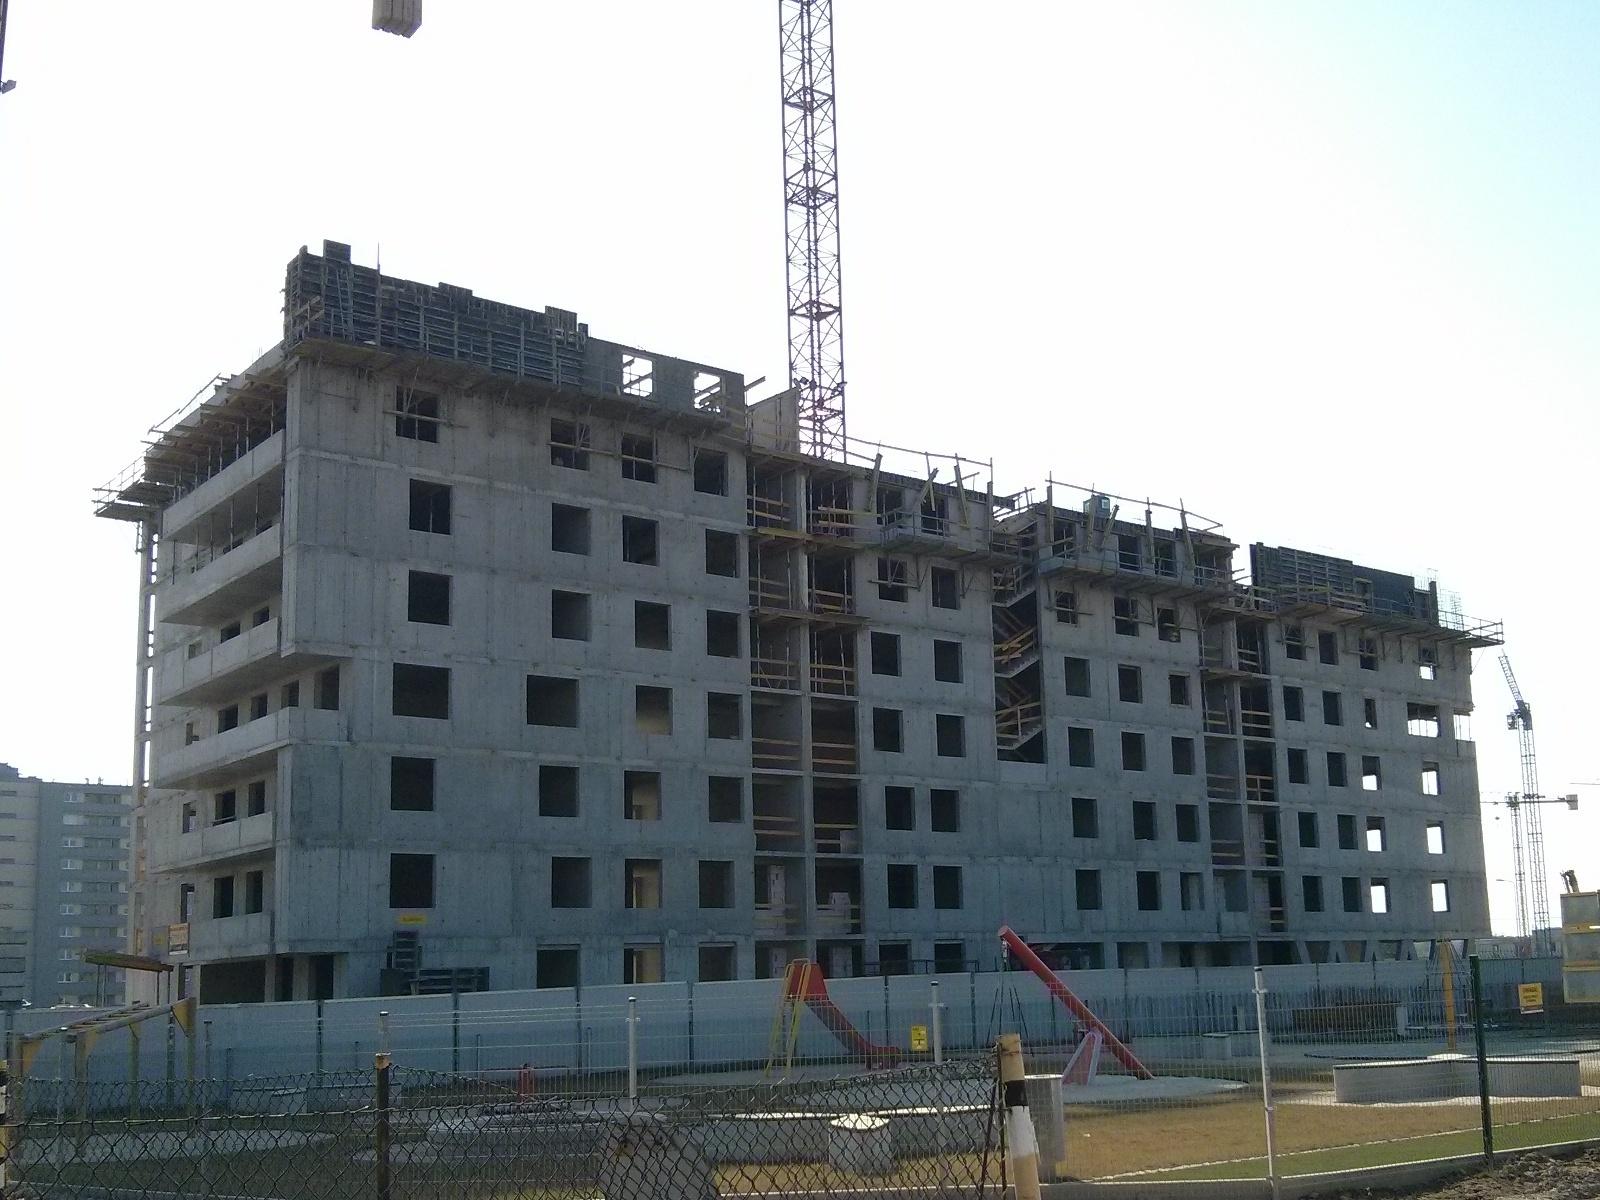 Budowa osiedla Avia 2 w nowych Czyżynach w Krakowie przez Budimex